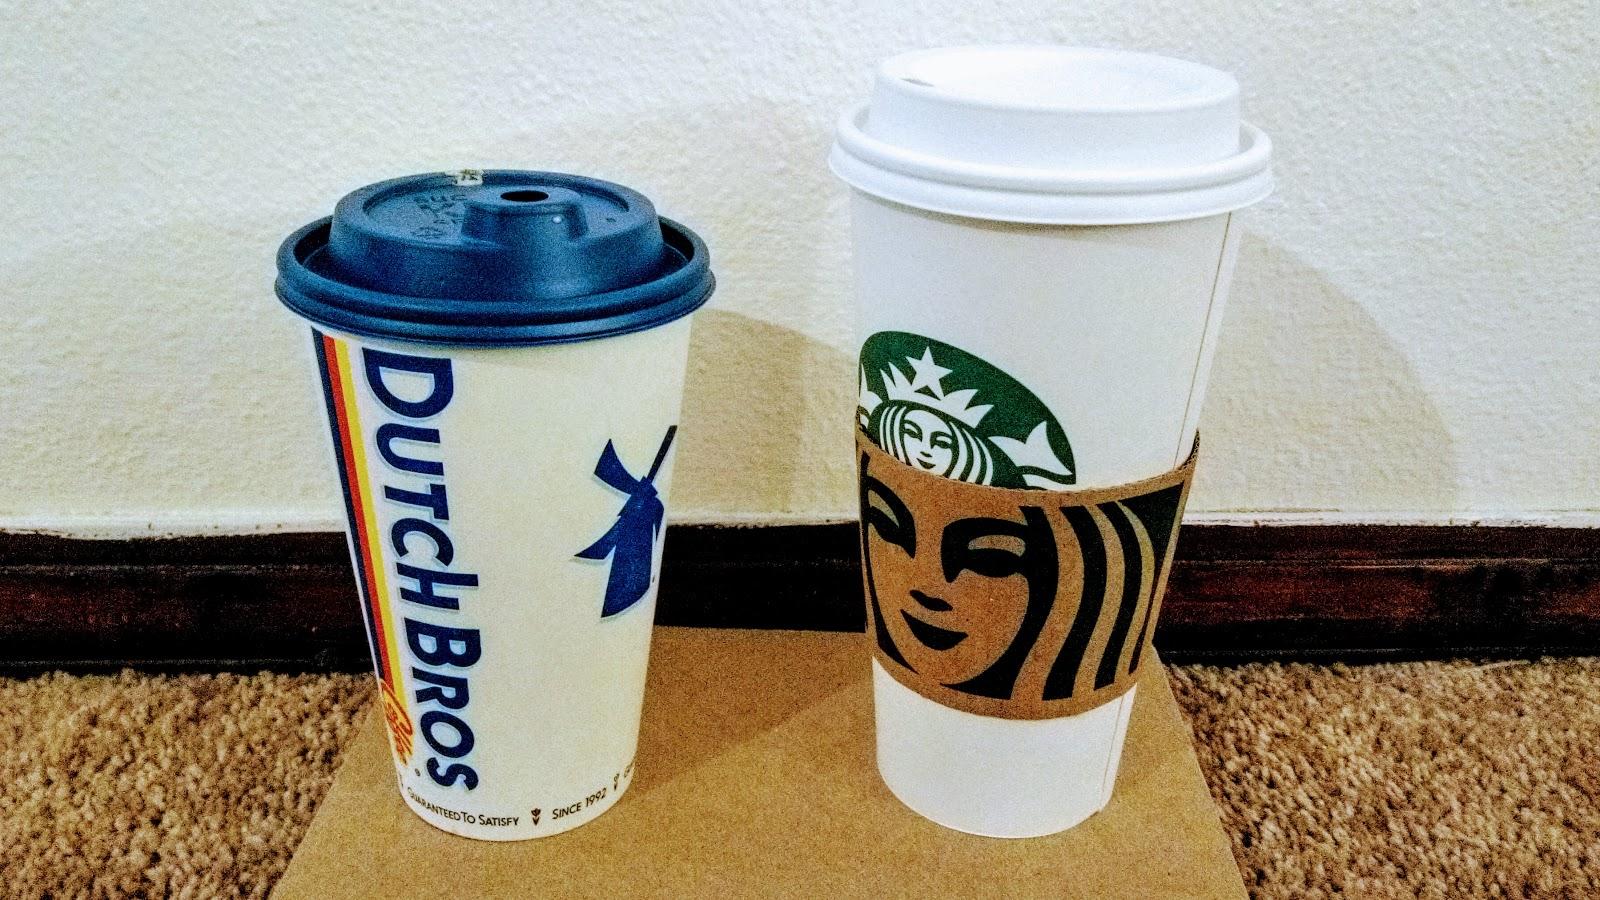 Dutch vs Starbucks